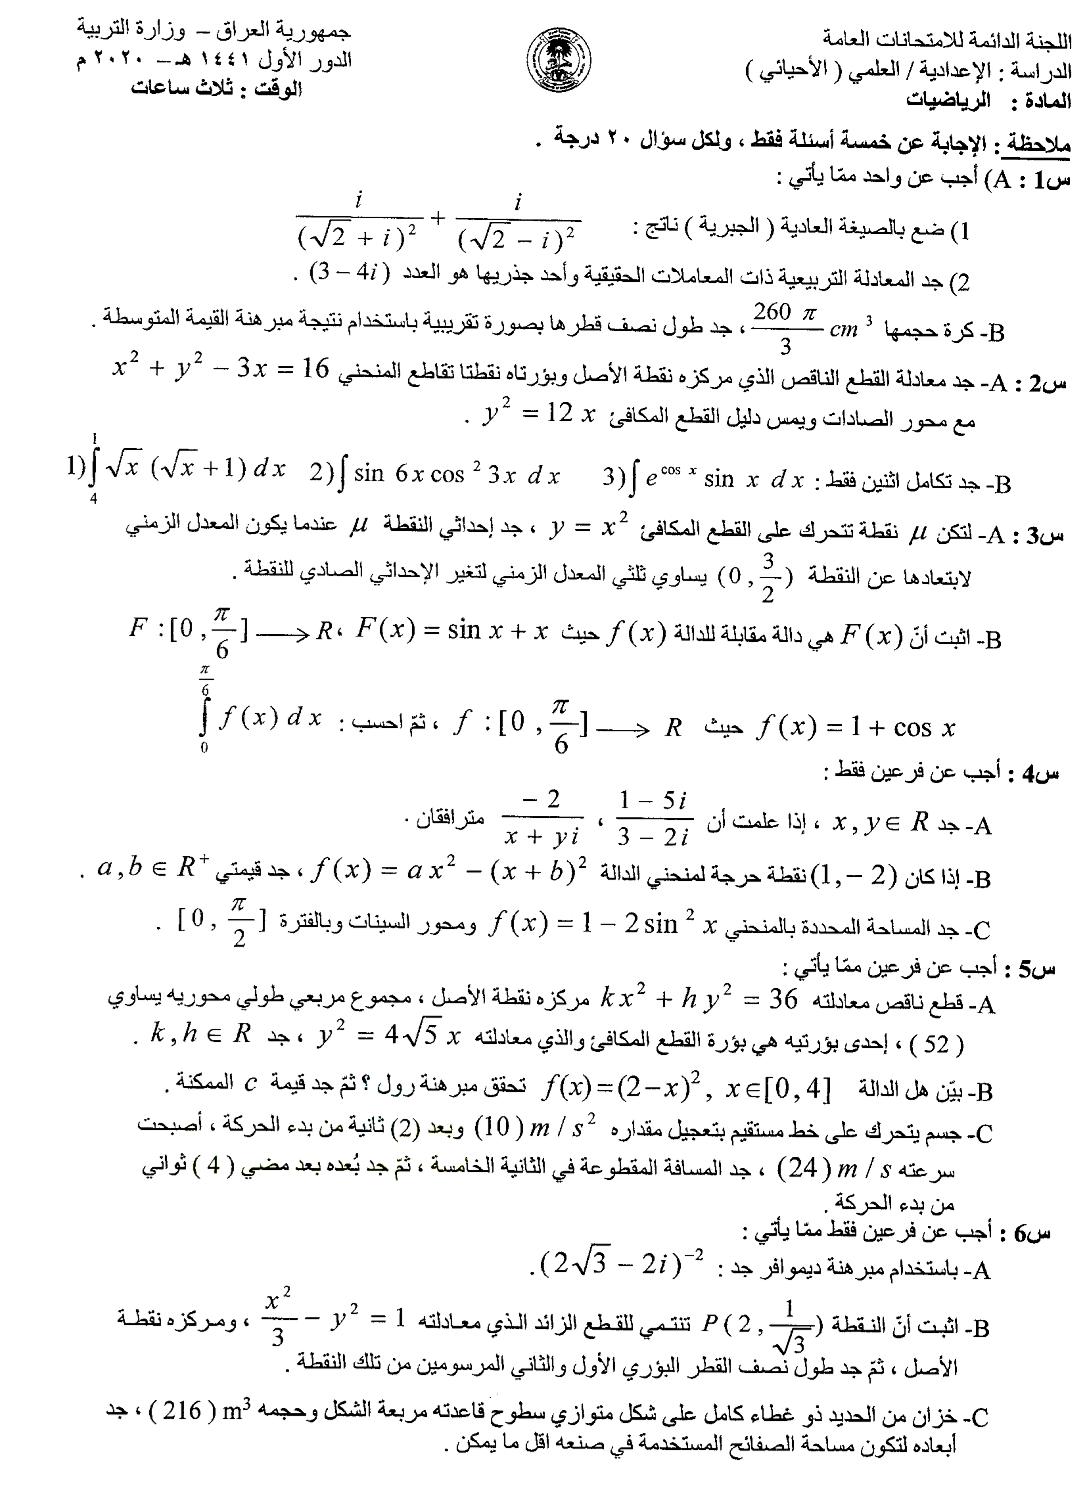 الاجوبة النموذجية لمادة الرياضيات للصف السادس الاحيائي 2020 الدور الاول من مركز الفحص والتصحيح في وزارة التربية Kn ننشر لكم Math Sheet Music Math Equations